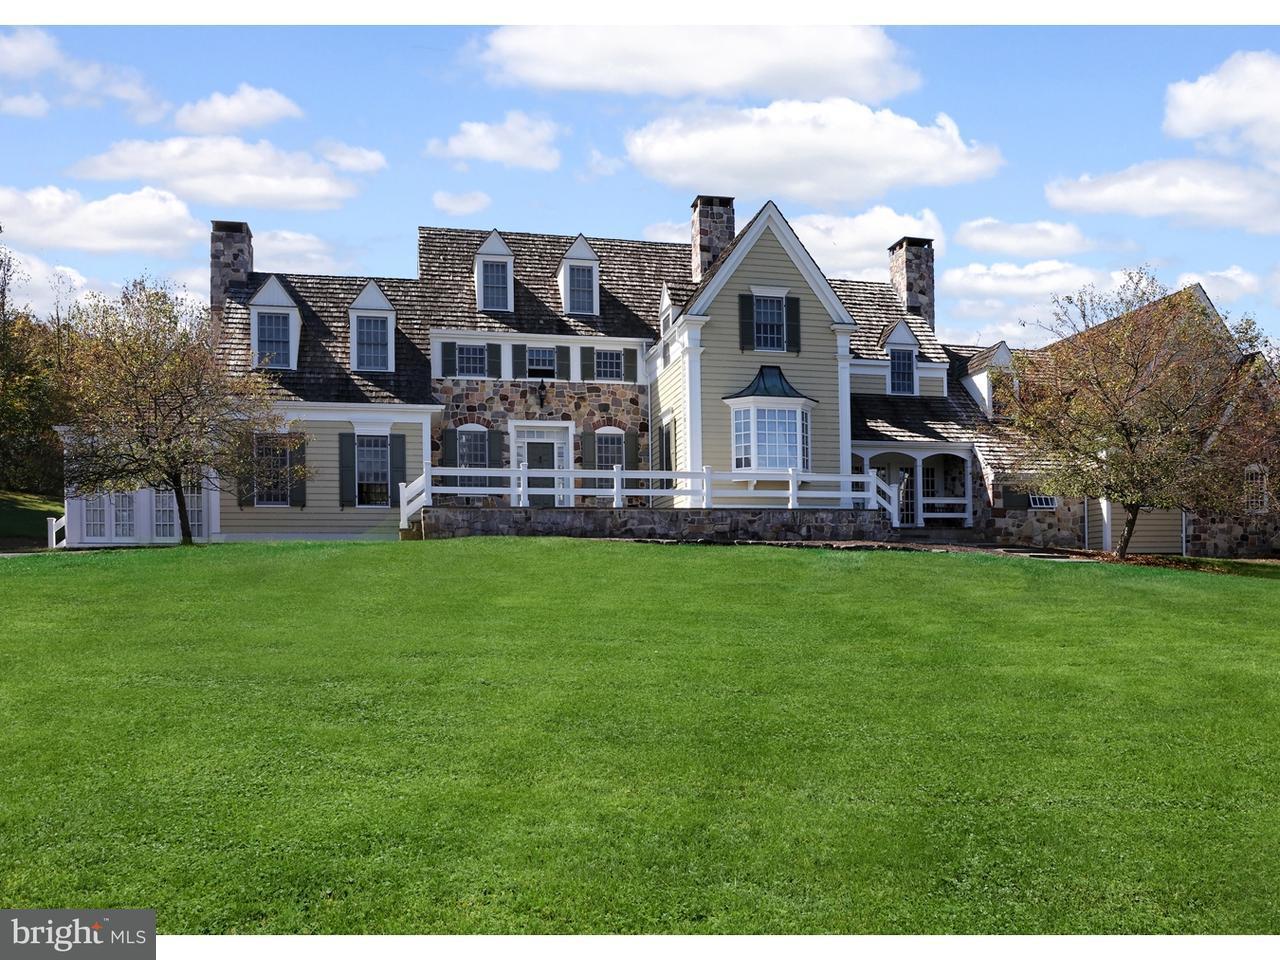 Частный односемейный дом для того Продажа на 2 COACH FOUR N Franklin Twp, Нью-Джерси 08801 Соединенные ШтатыВ/Около: Franklin Twp